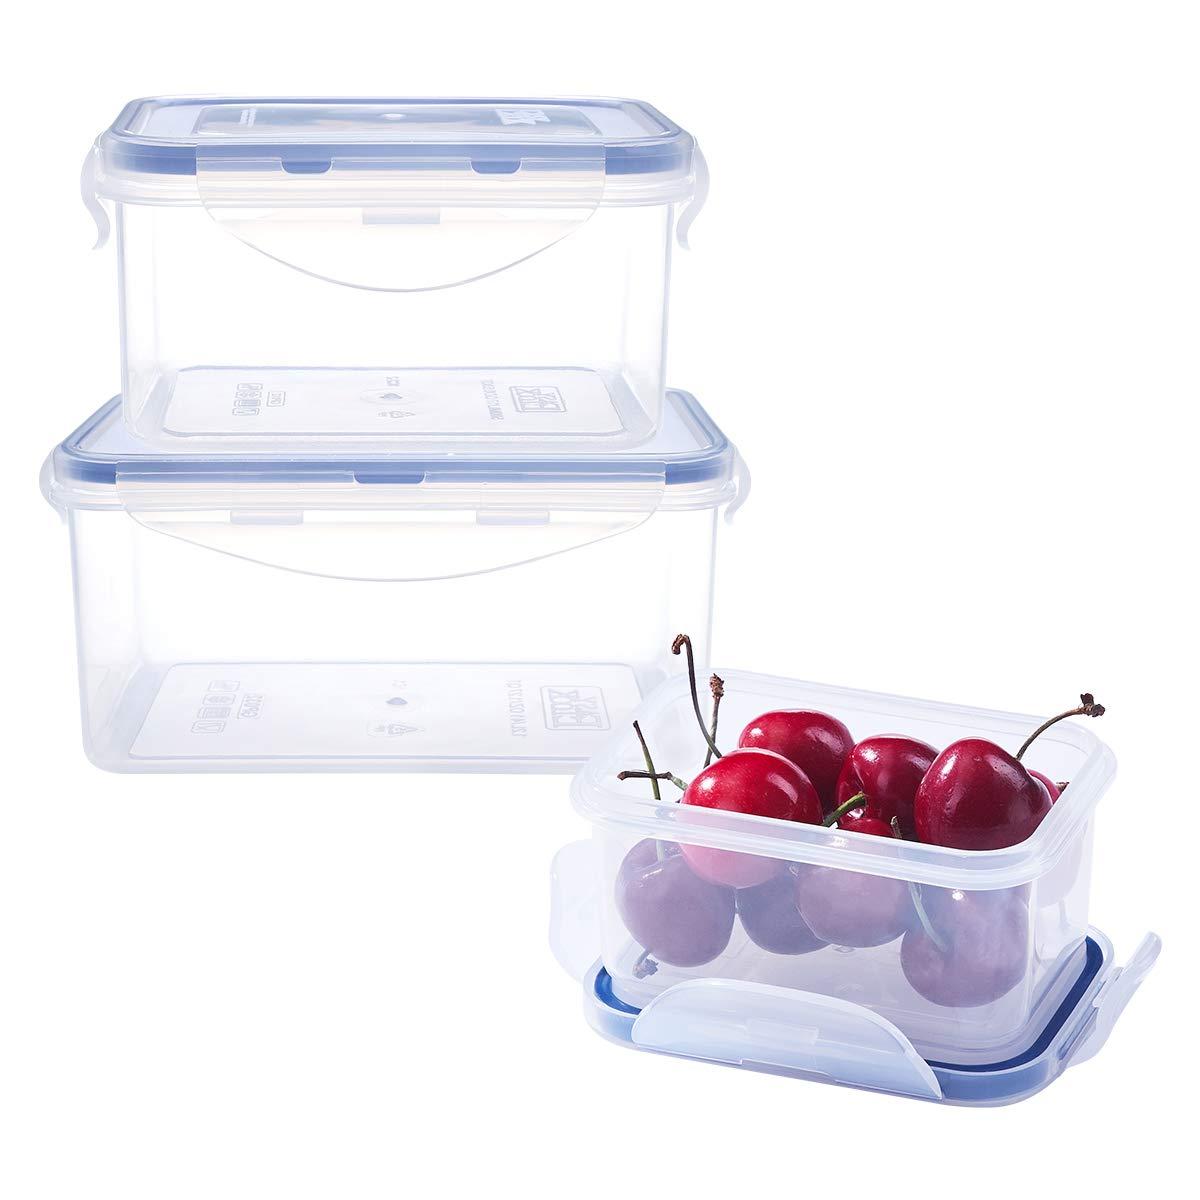 低価格の 6ピースAssorted食品ストレージセット長方形プラスチックコンテナ – 冷凍庫電子レンジ安全 – B07C1PX1WN 100 – % airtight % leak-proofプラスチックスナップロック蓋 B07C1PX1WN, ハーブ&アロマ パナセア:c4897310 --- beyonddefeat.com